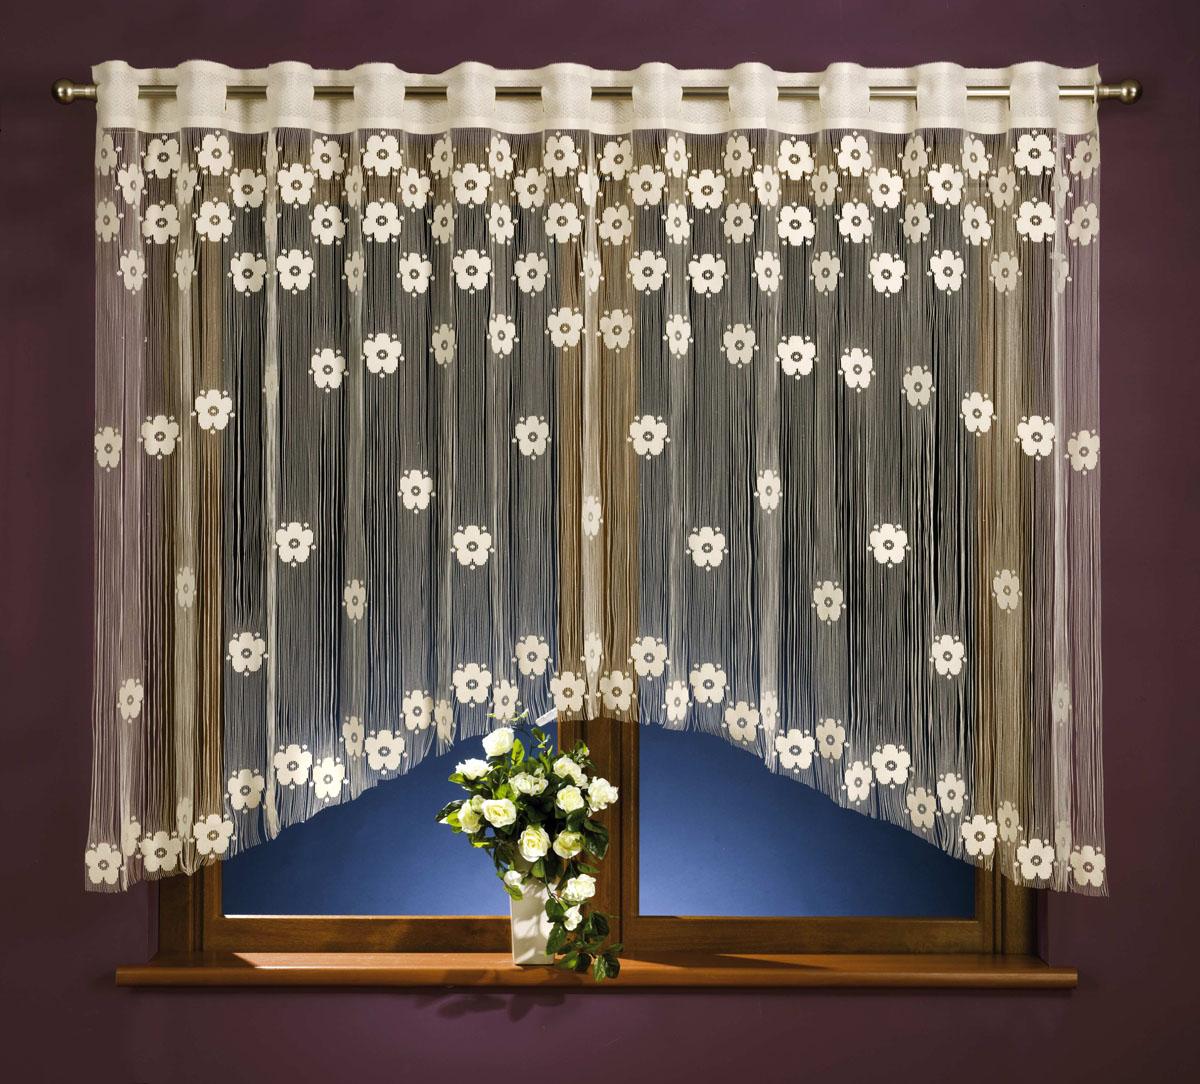 Гардина-лапша Maja, на петлях, цвет: голубой, высота 160 см677580Гардина-лапша Maja, изготовленная из полиэстера голубого цвета, станет великолепным украшением окна, дверного проема и прекрасно послужит для разграничения пространства. Необычный дизайн и яркое оформление привлечет к себе внимание и органично впишется в интерьер помещения.Гардина-лапша оснащена петлями для крепления на круглый карниз. Характеристики:Материал: 100% полиэстер. Цвет: голубой. Размер упаковки:26 см х 37 см х 4 см. Артикул: 677580. В комплект входит: Гардина-лапша - 1 шт. Размер (ШхВ): 270 см х 160 см. Фирма Wisan на польском рынке существует уже более пятидесяти лет и является одной из лучших польских фабрик по производству штор и тканей. Ассортимент фирмы представлен готовыми комплектами штор для гостиной, детской, кухни, а также текстилем для кухни (скатерти, салфетки, дорожки, кухонные занавески). Модельный ряд отличает оригинальный дизайн, высокое качество. Ассортимент продукции постоянно пополняется.УВАЖАЕМЫЕ КЛИЕНТЫ!Обращаем ваше внимание на цвет изделия. Цветовой вариант гардины-лапши, данной в интерьере, служит для визуального восприятия товара. Цветовая гамма данной гардины-лапши представлена на отдельном изображении фрагментом ткани.